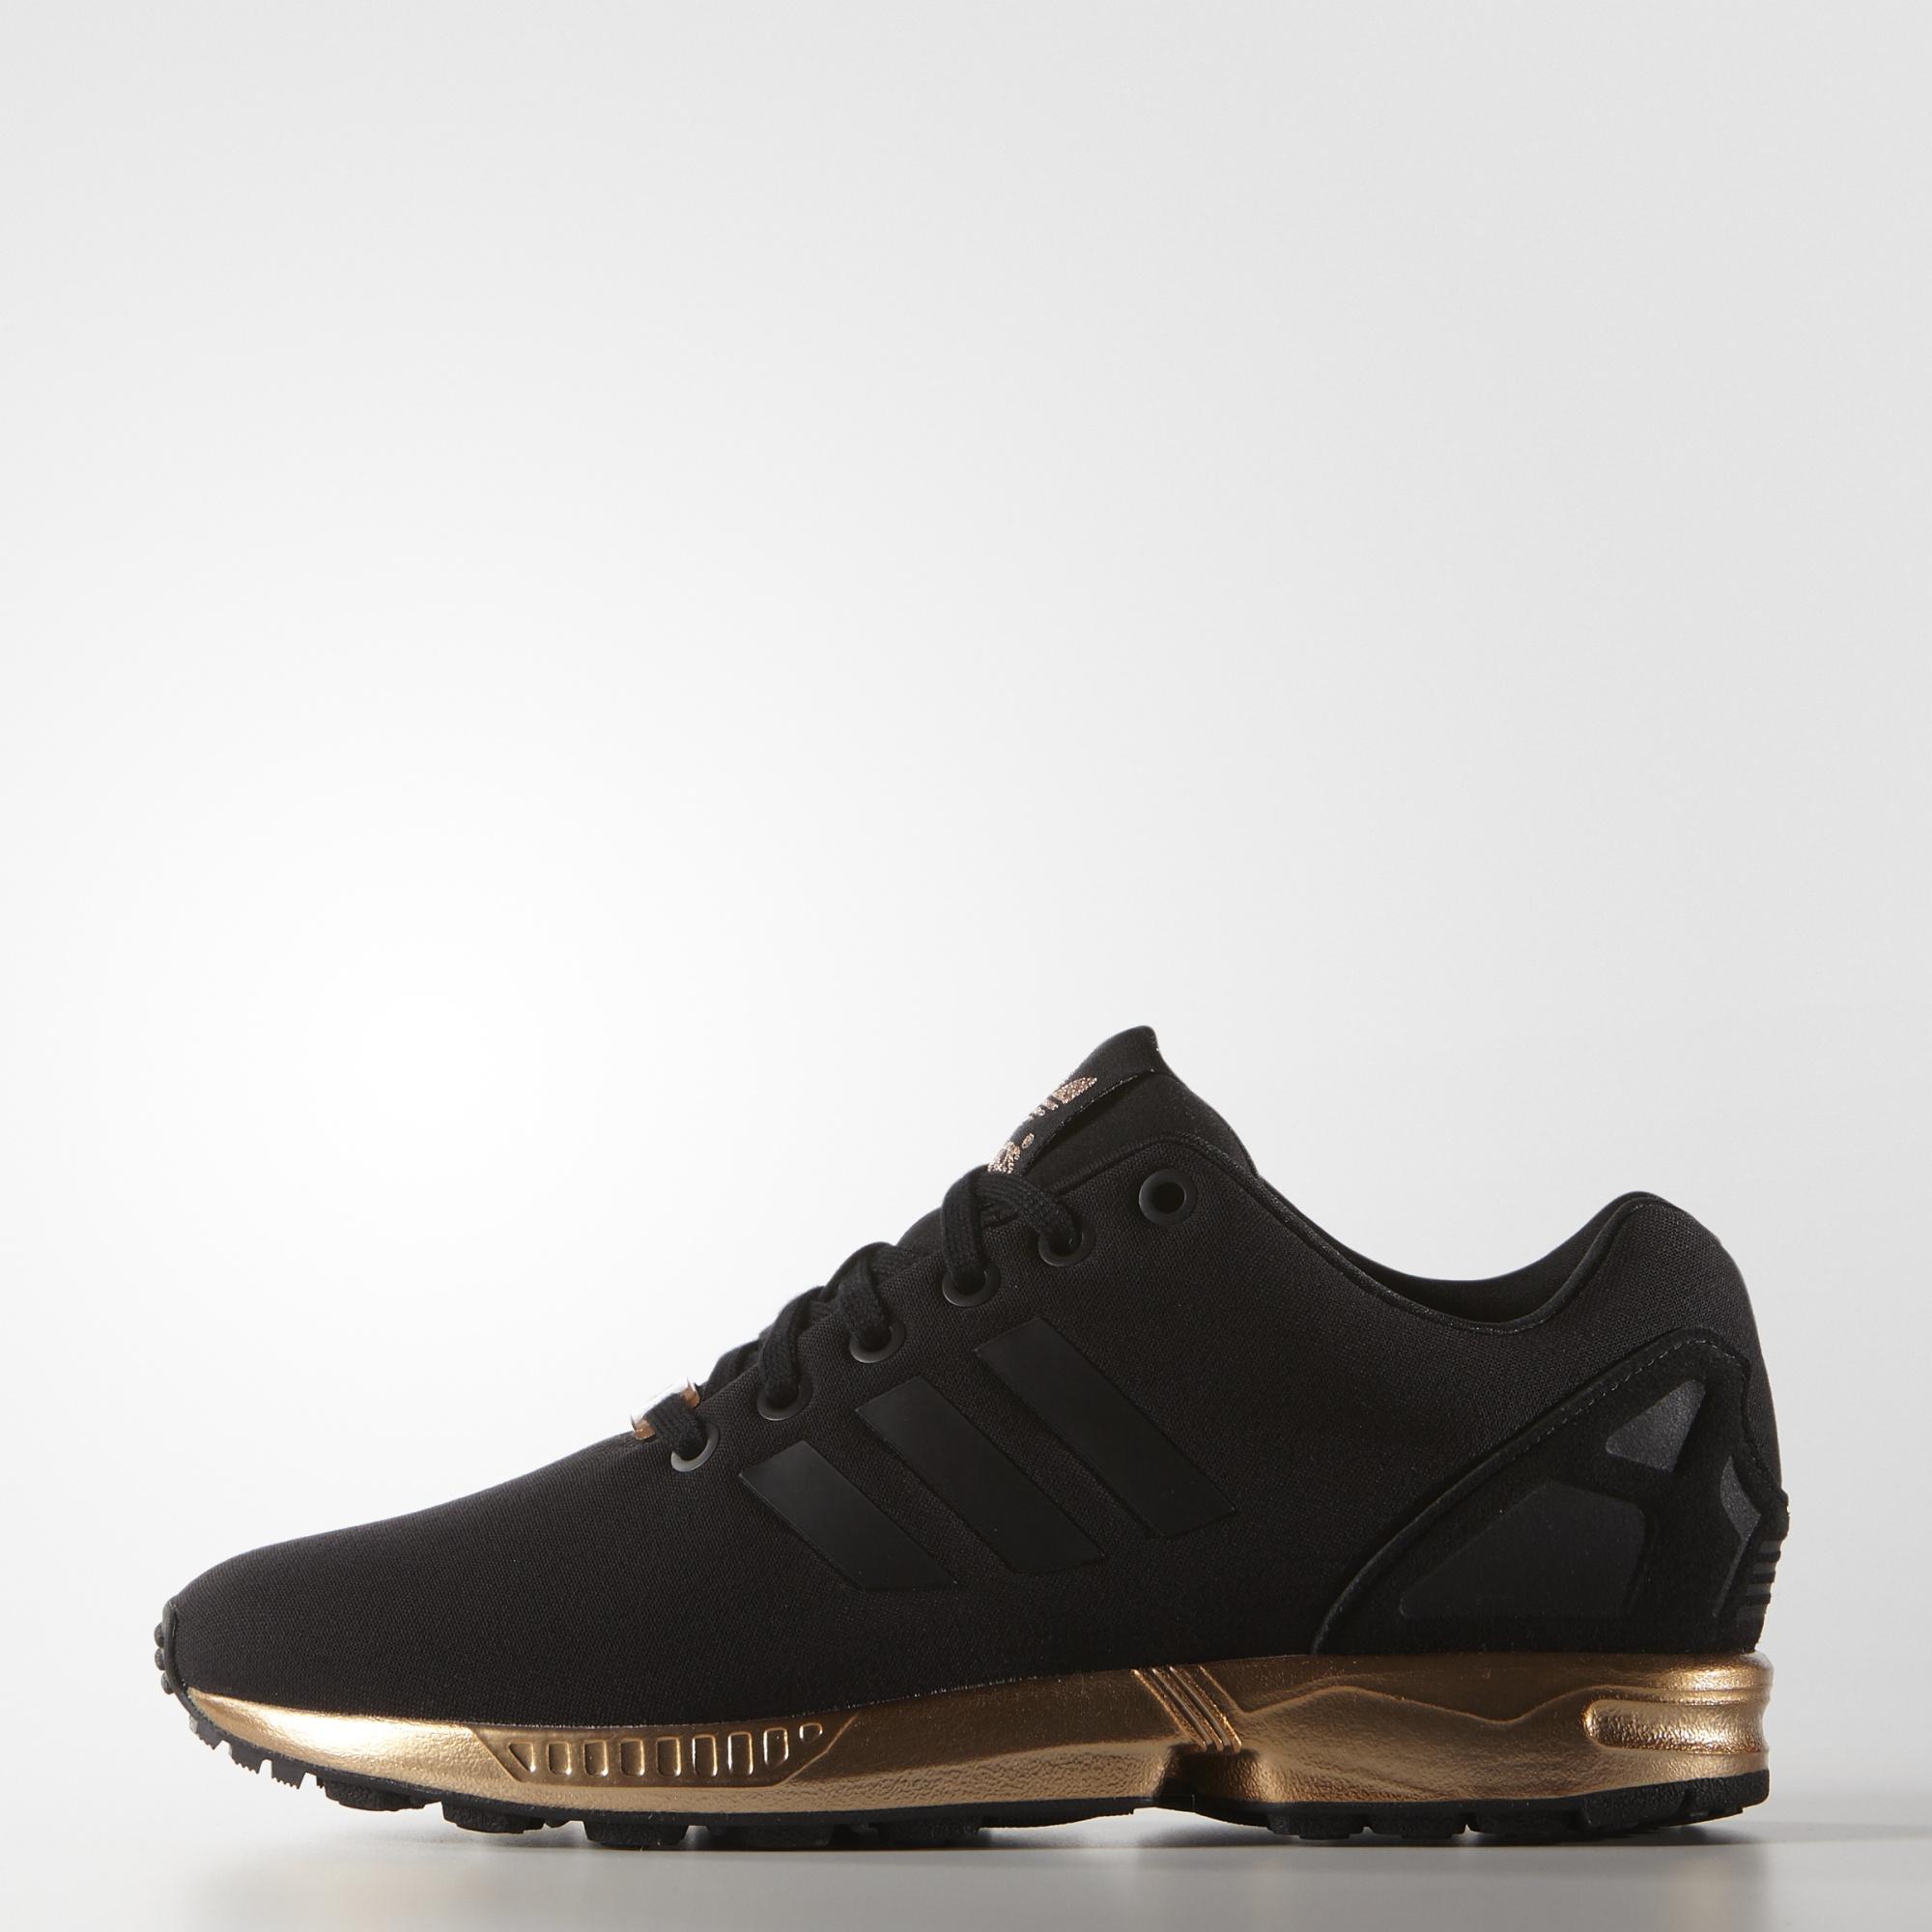 Adidas Originals Zx Flux Copper